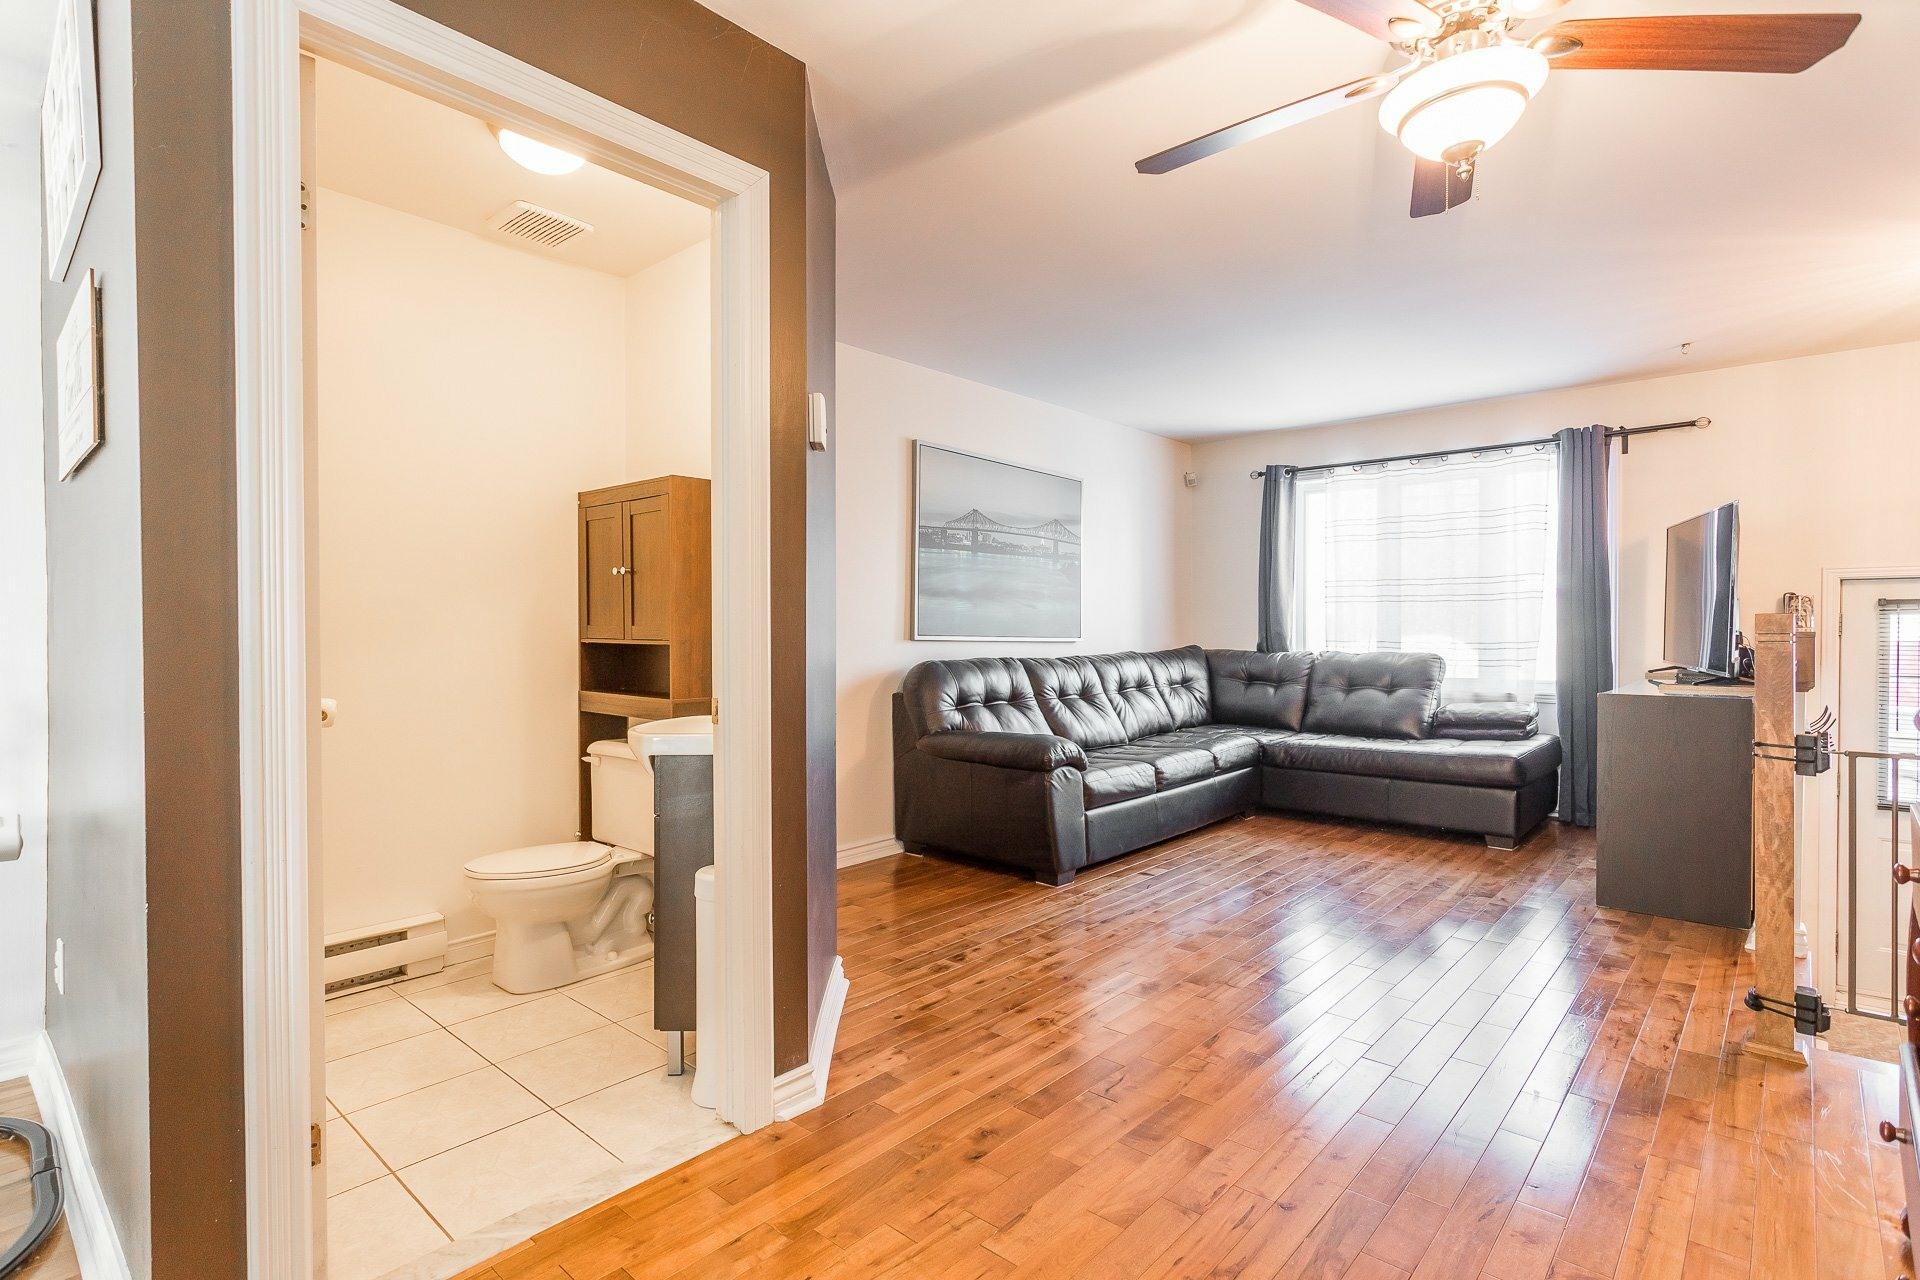 image 4 - House For sale Rivière-des-Prairies/Pointe-aux-Trembles Montréal  - 9 rooms